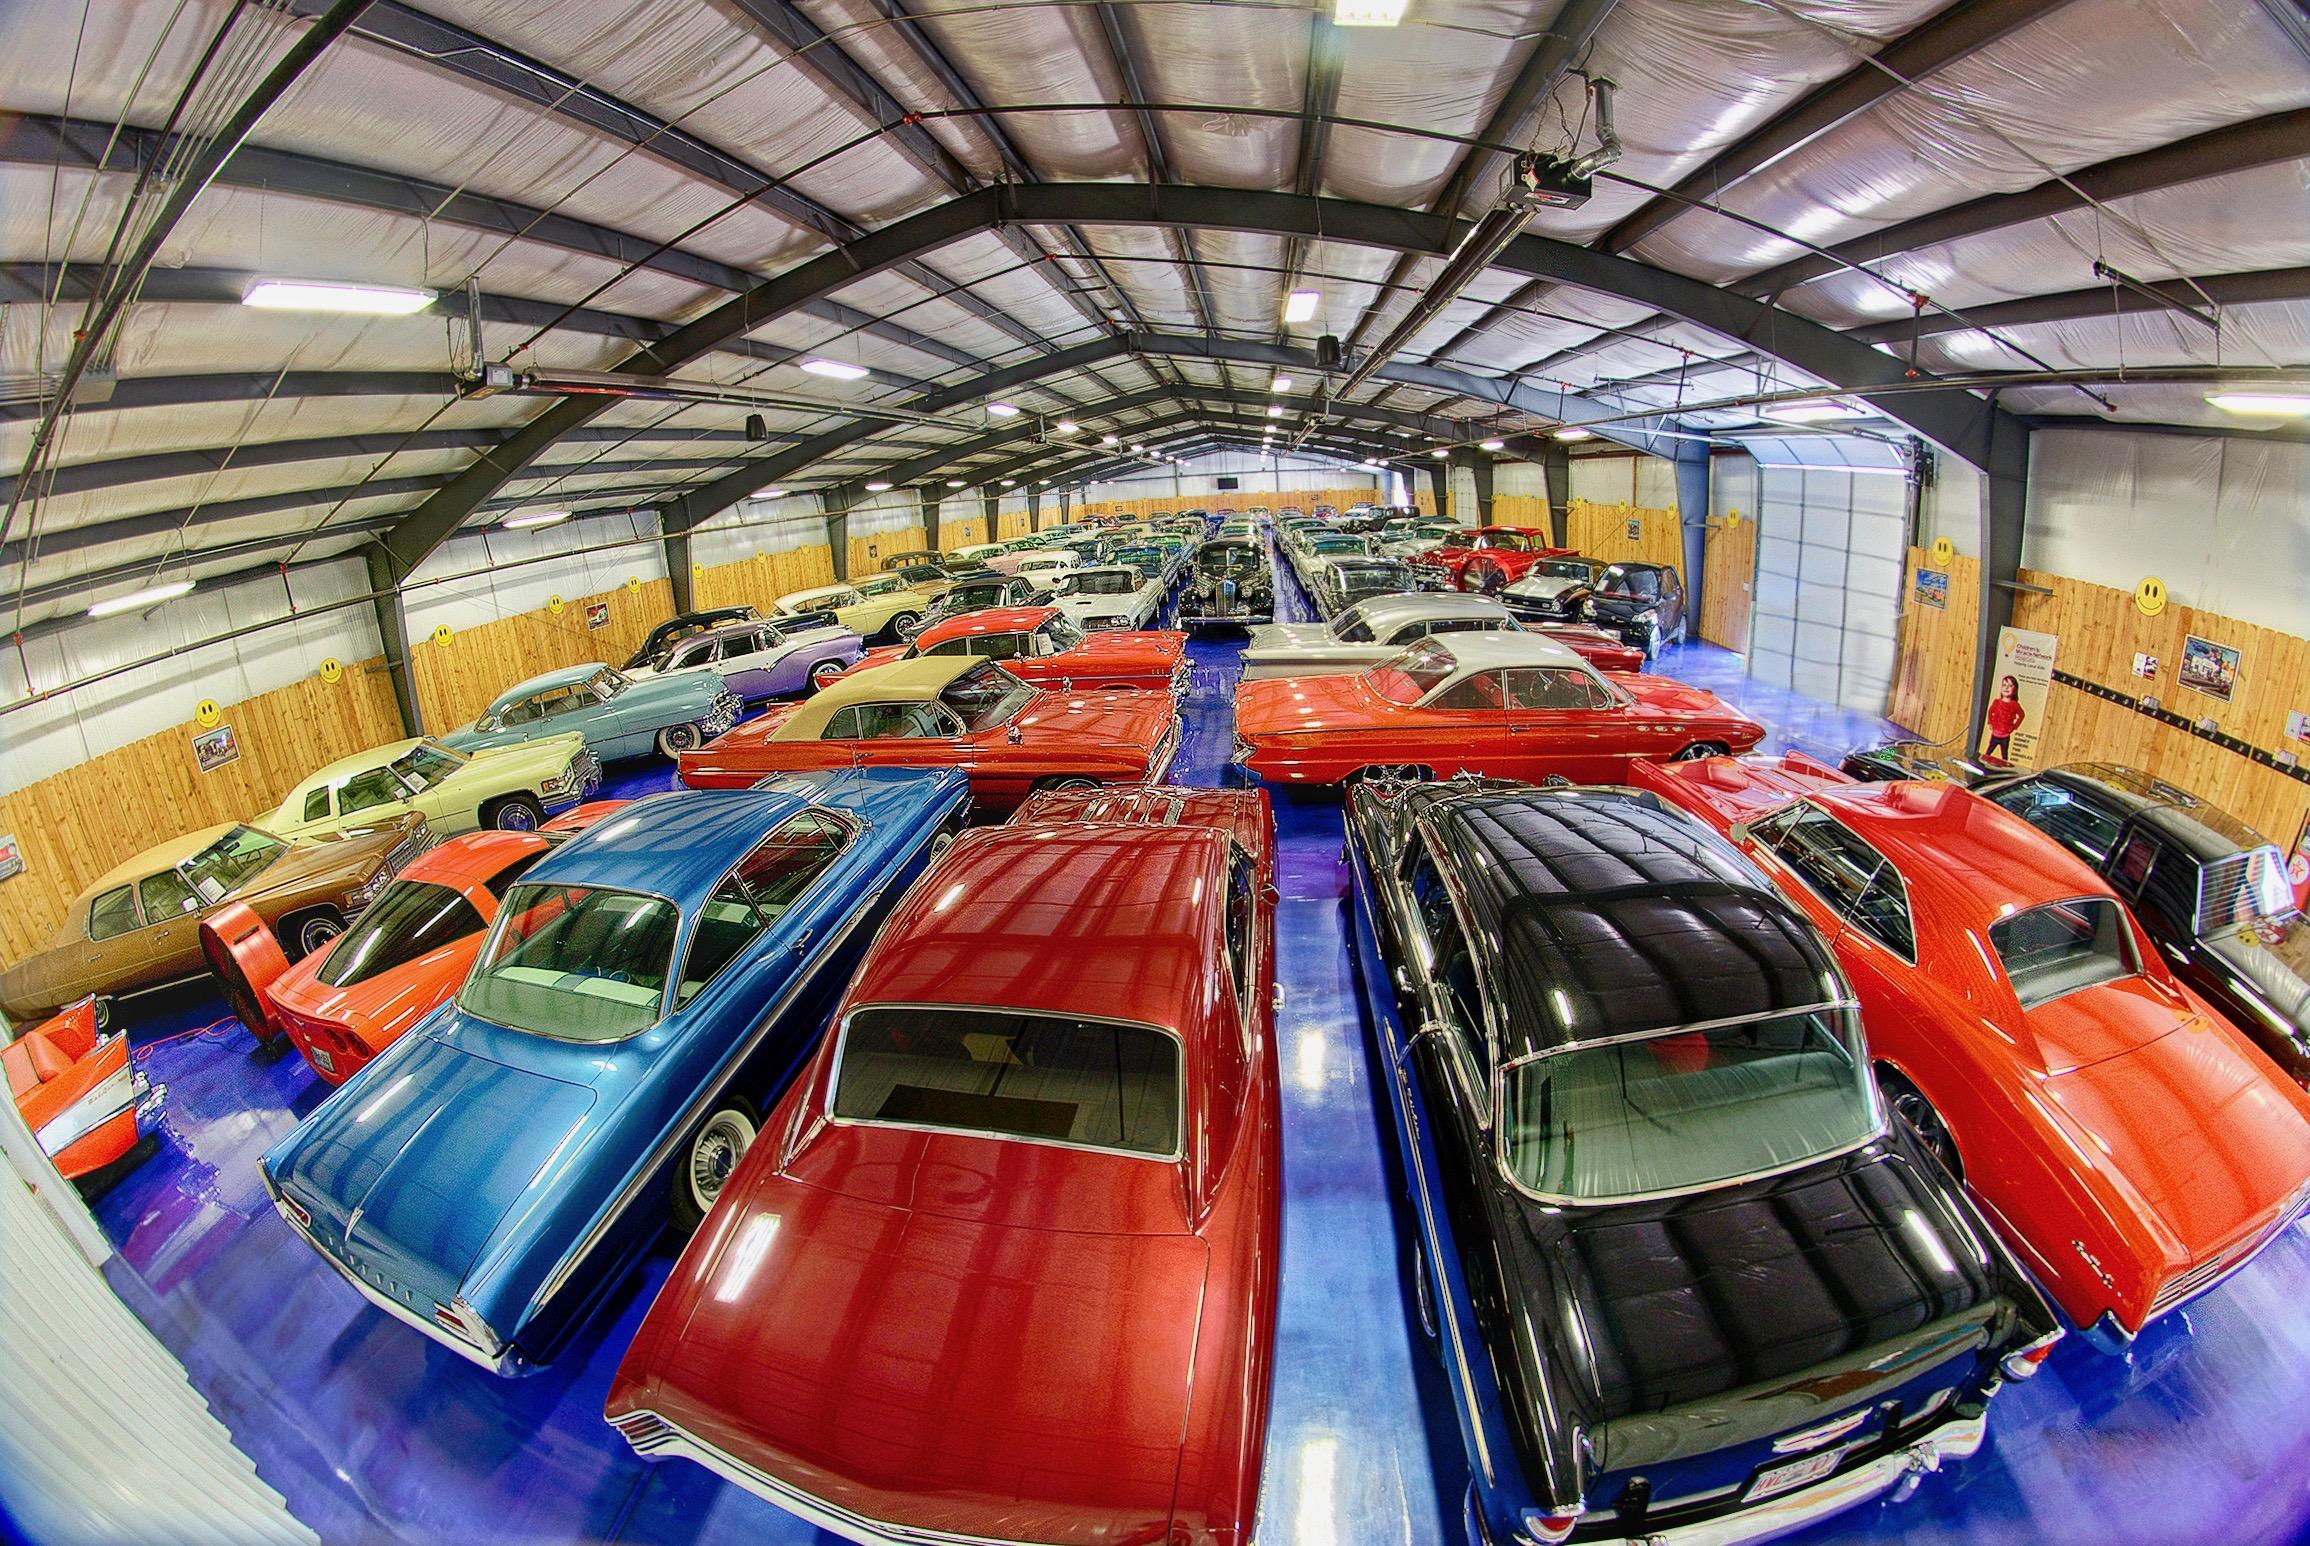 52 cars from Bill's Backyard Classics will cross Mecum